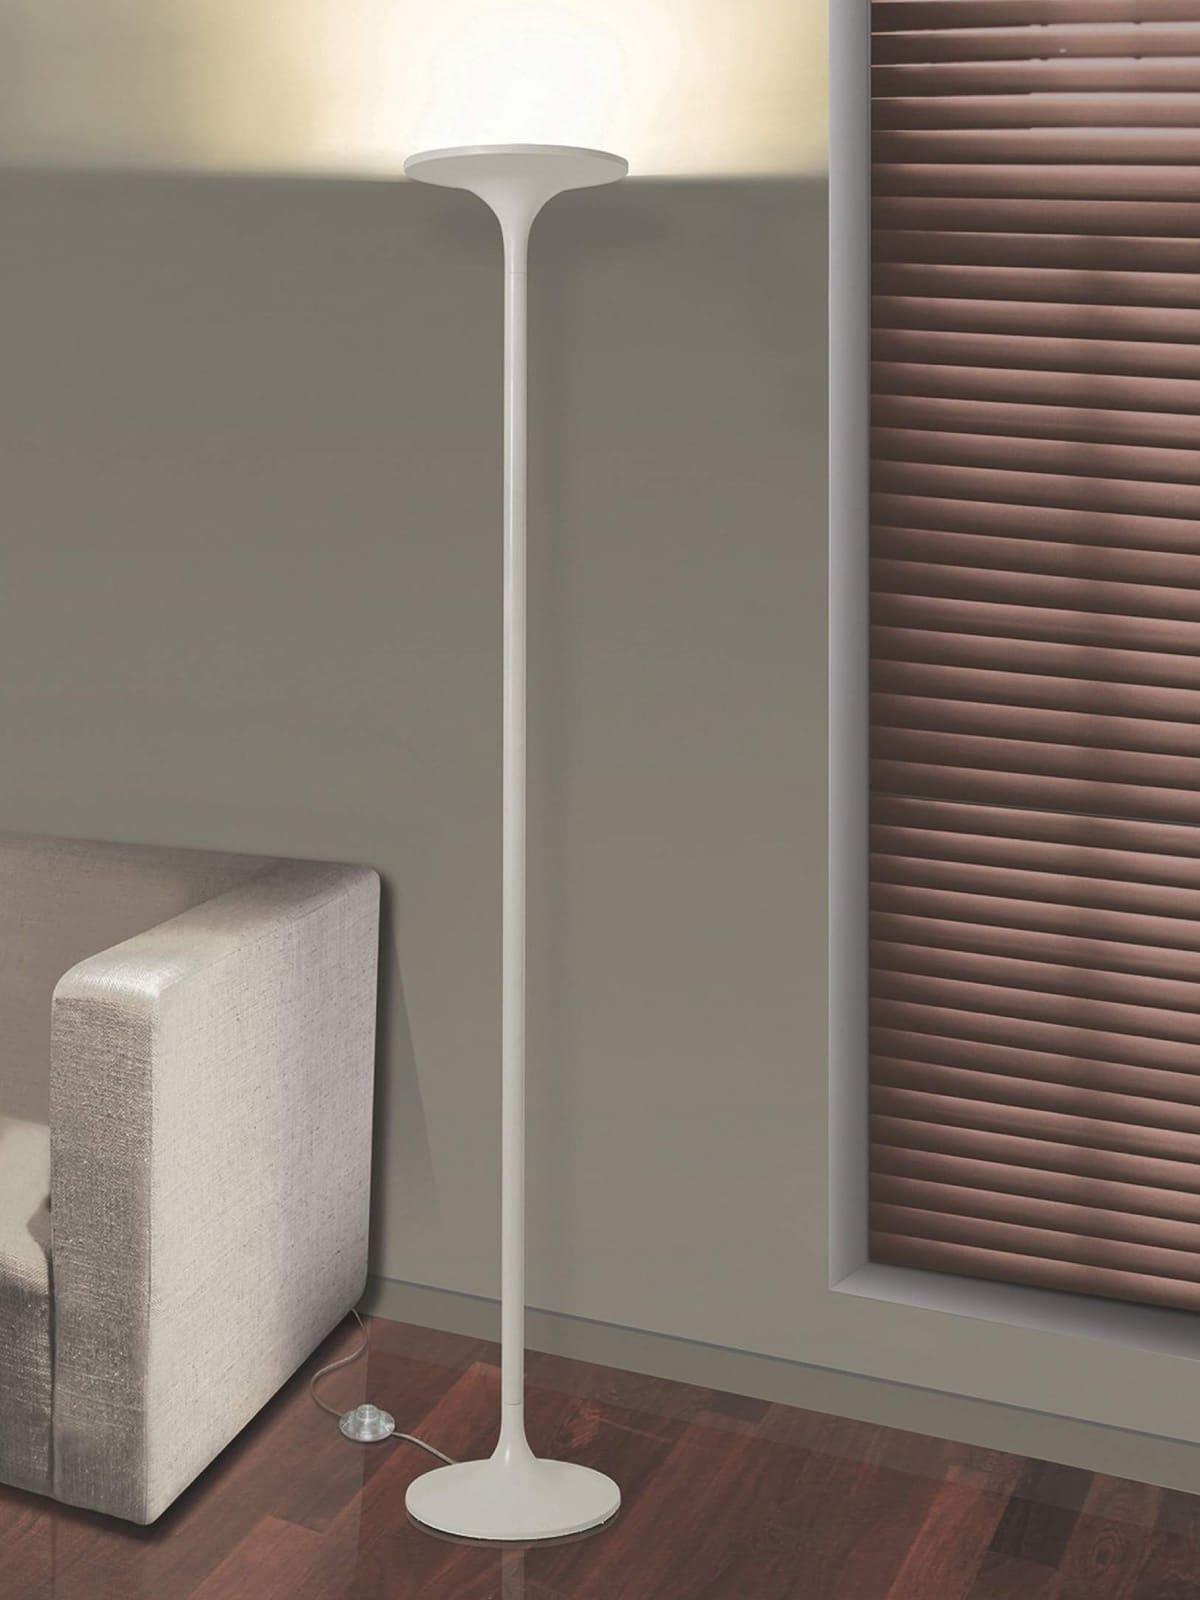 deckenfluter design. Black Bedroom Furniture Sets. Home Design Ideas